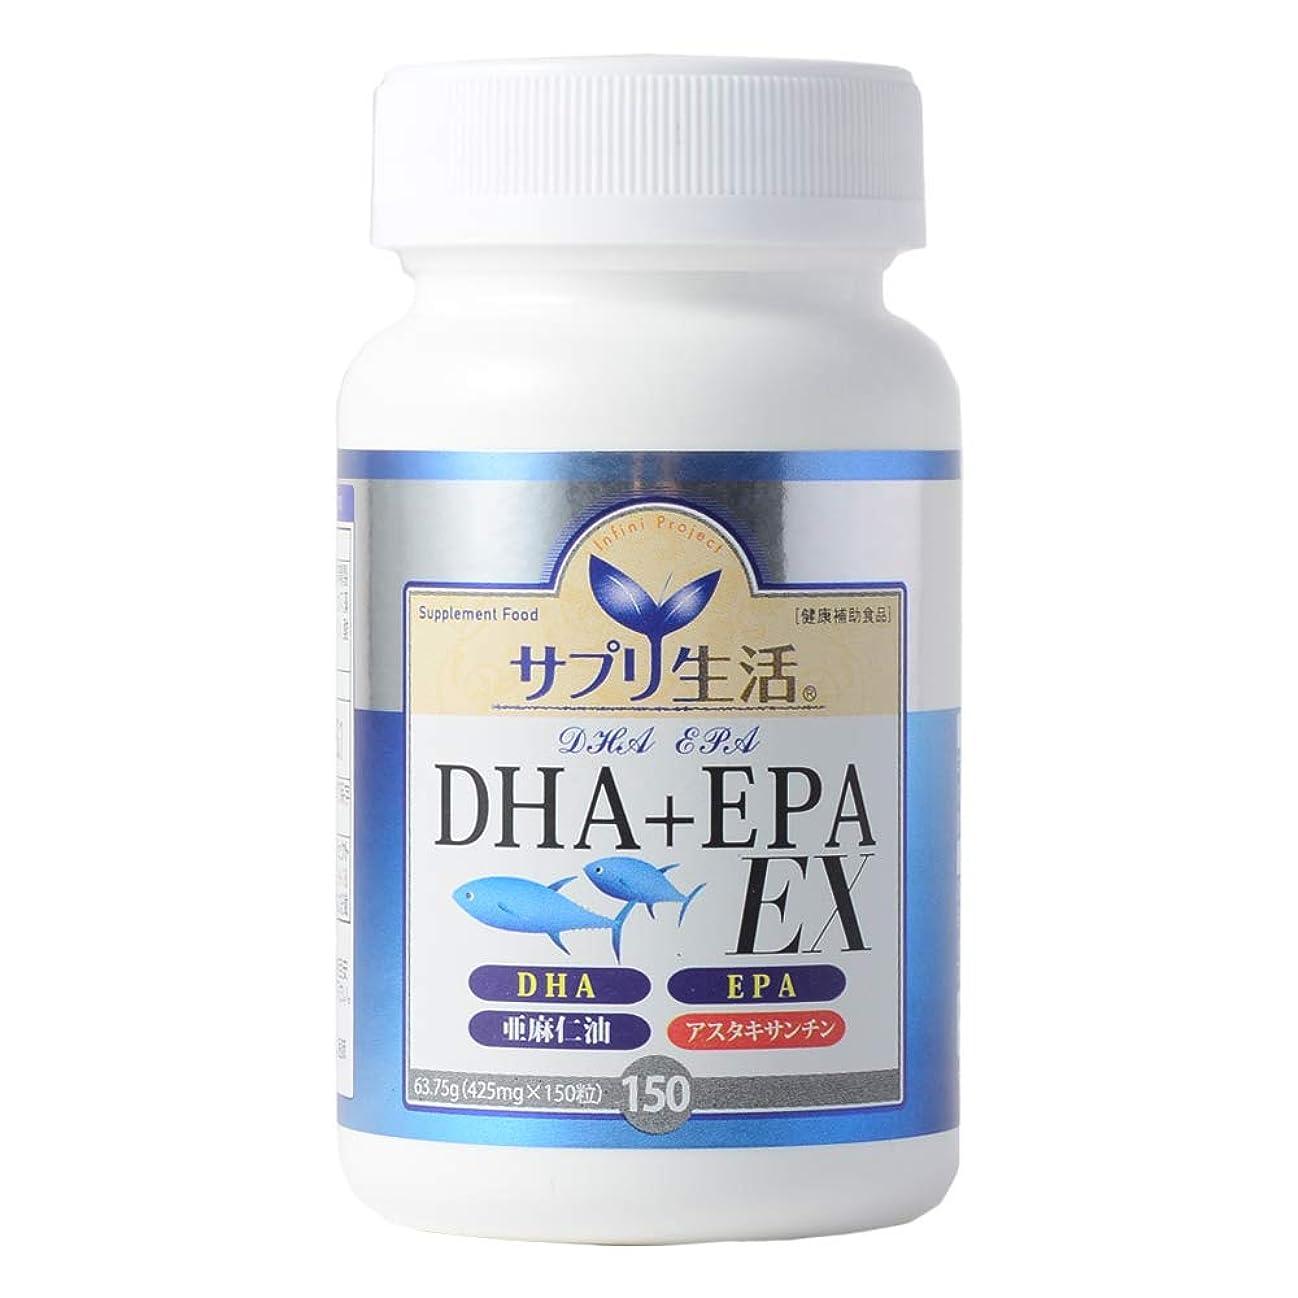 マット誕生防水サプリ生活 DHA+EPA EX